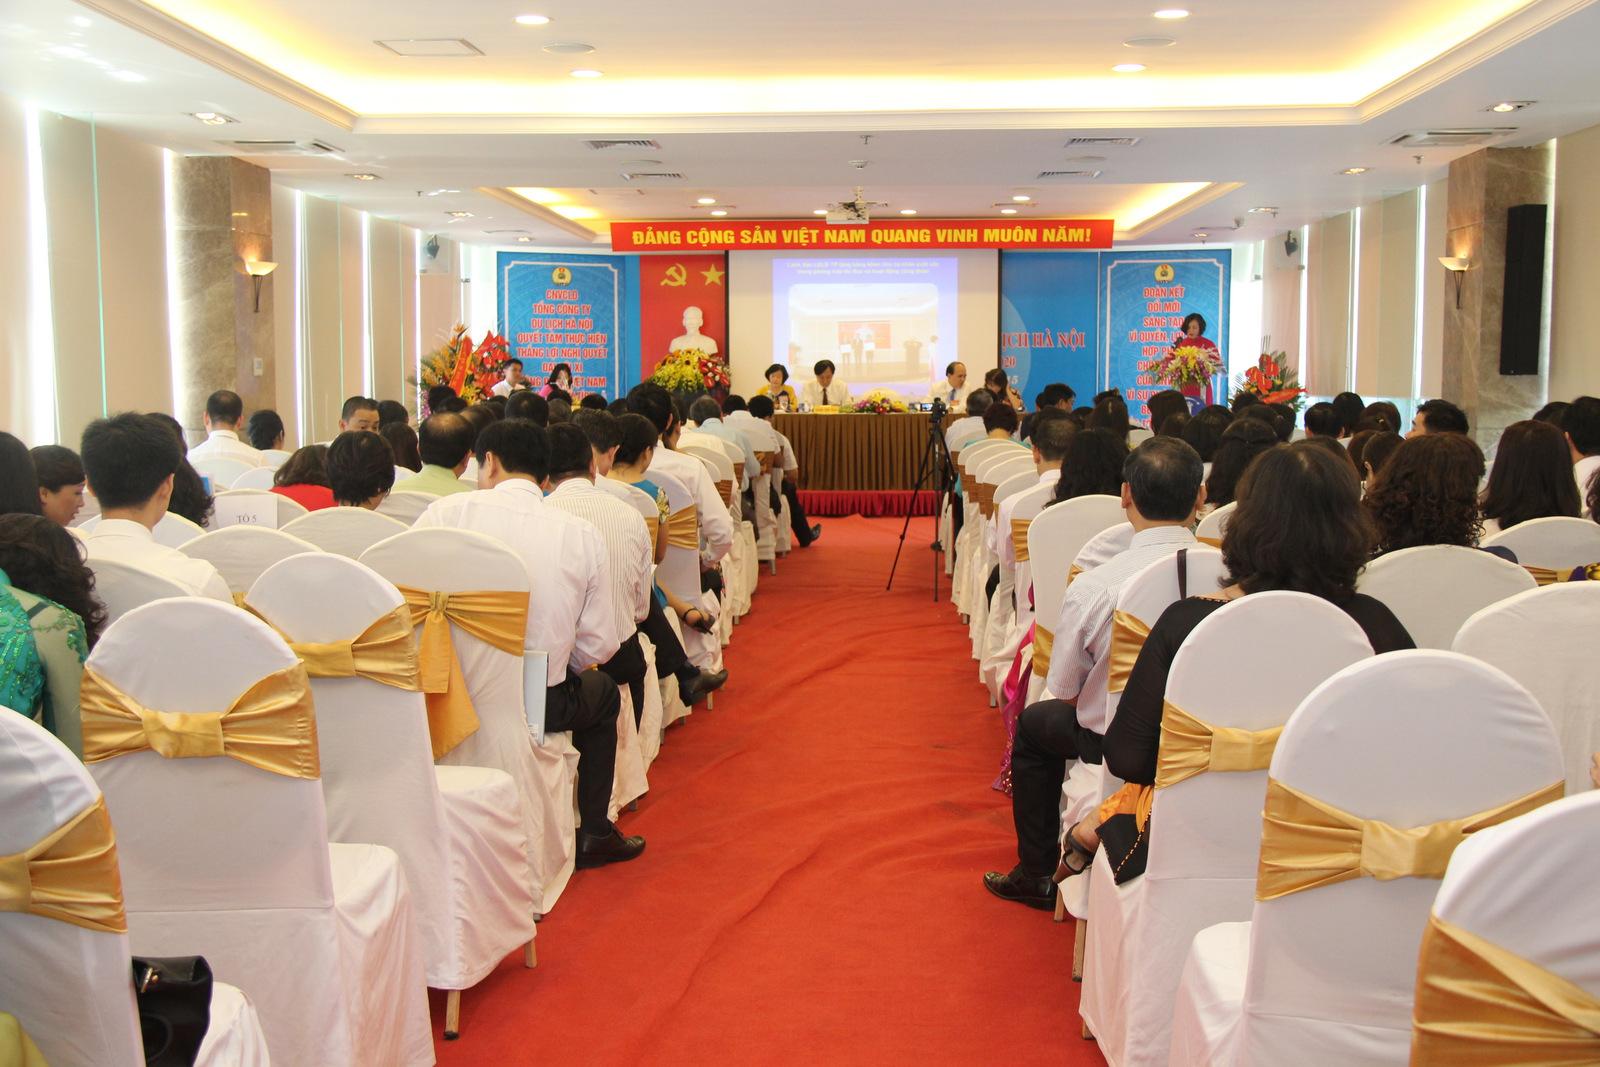 Công đoàn Hanoitourist tổ chức Đại hội lần thứ III, nhiệm kỳ 2015 -2020